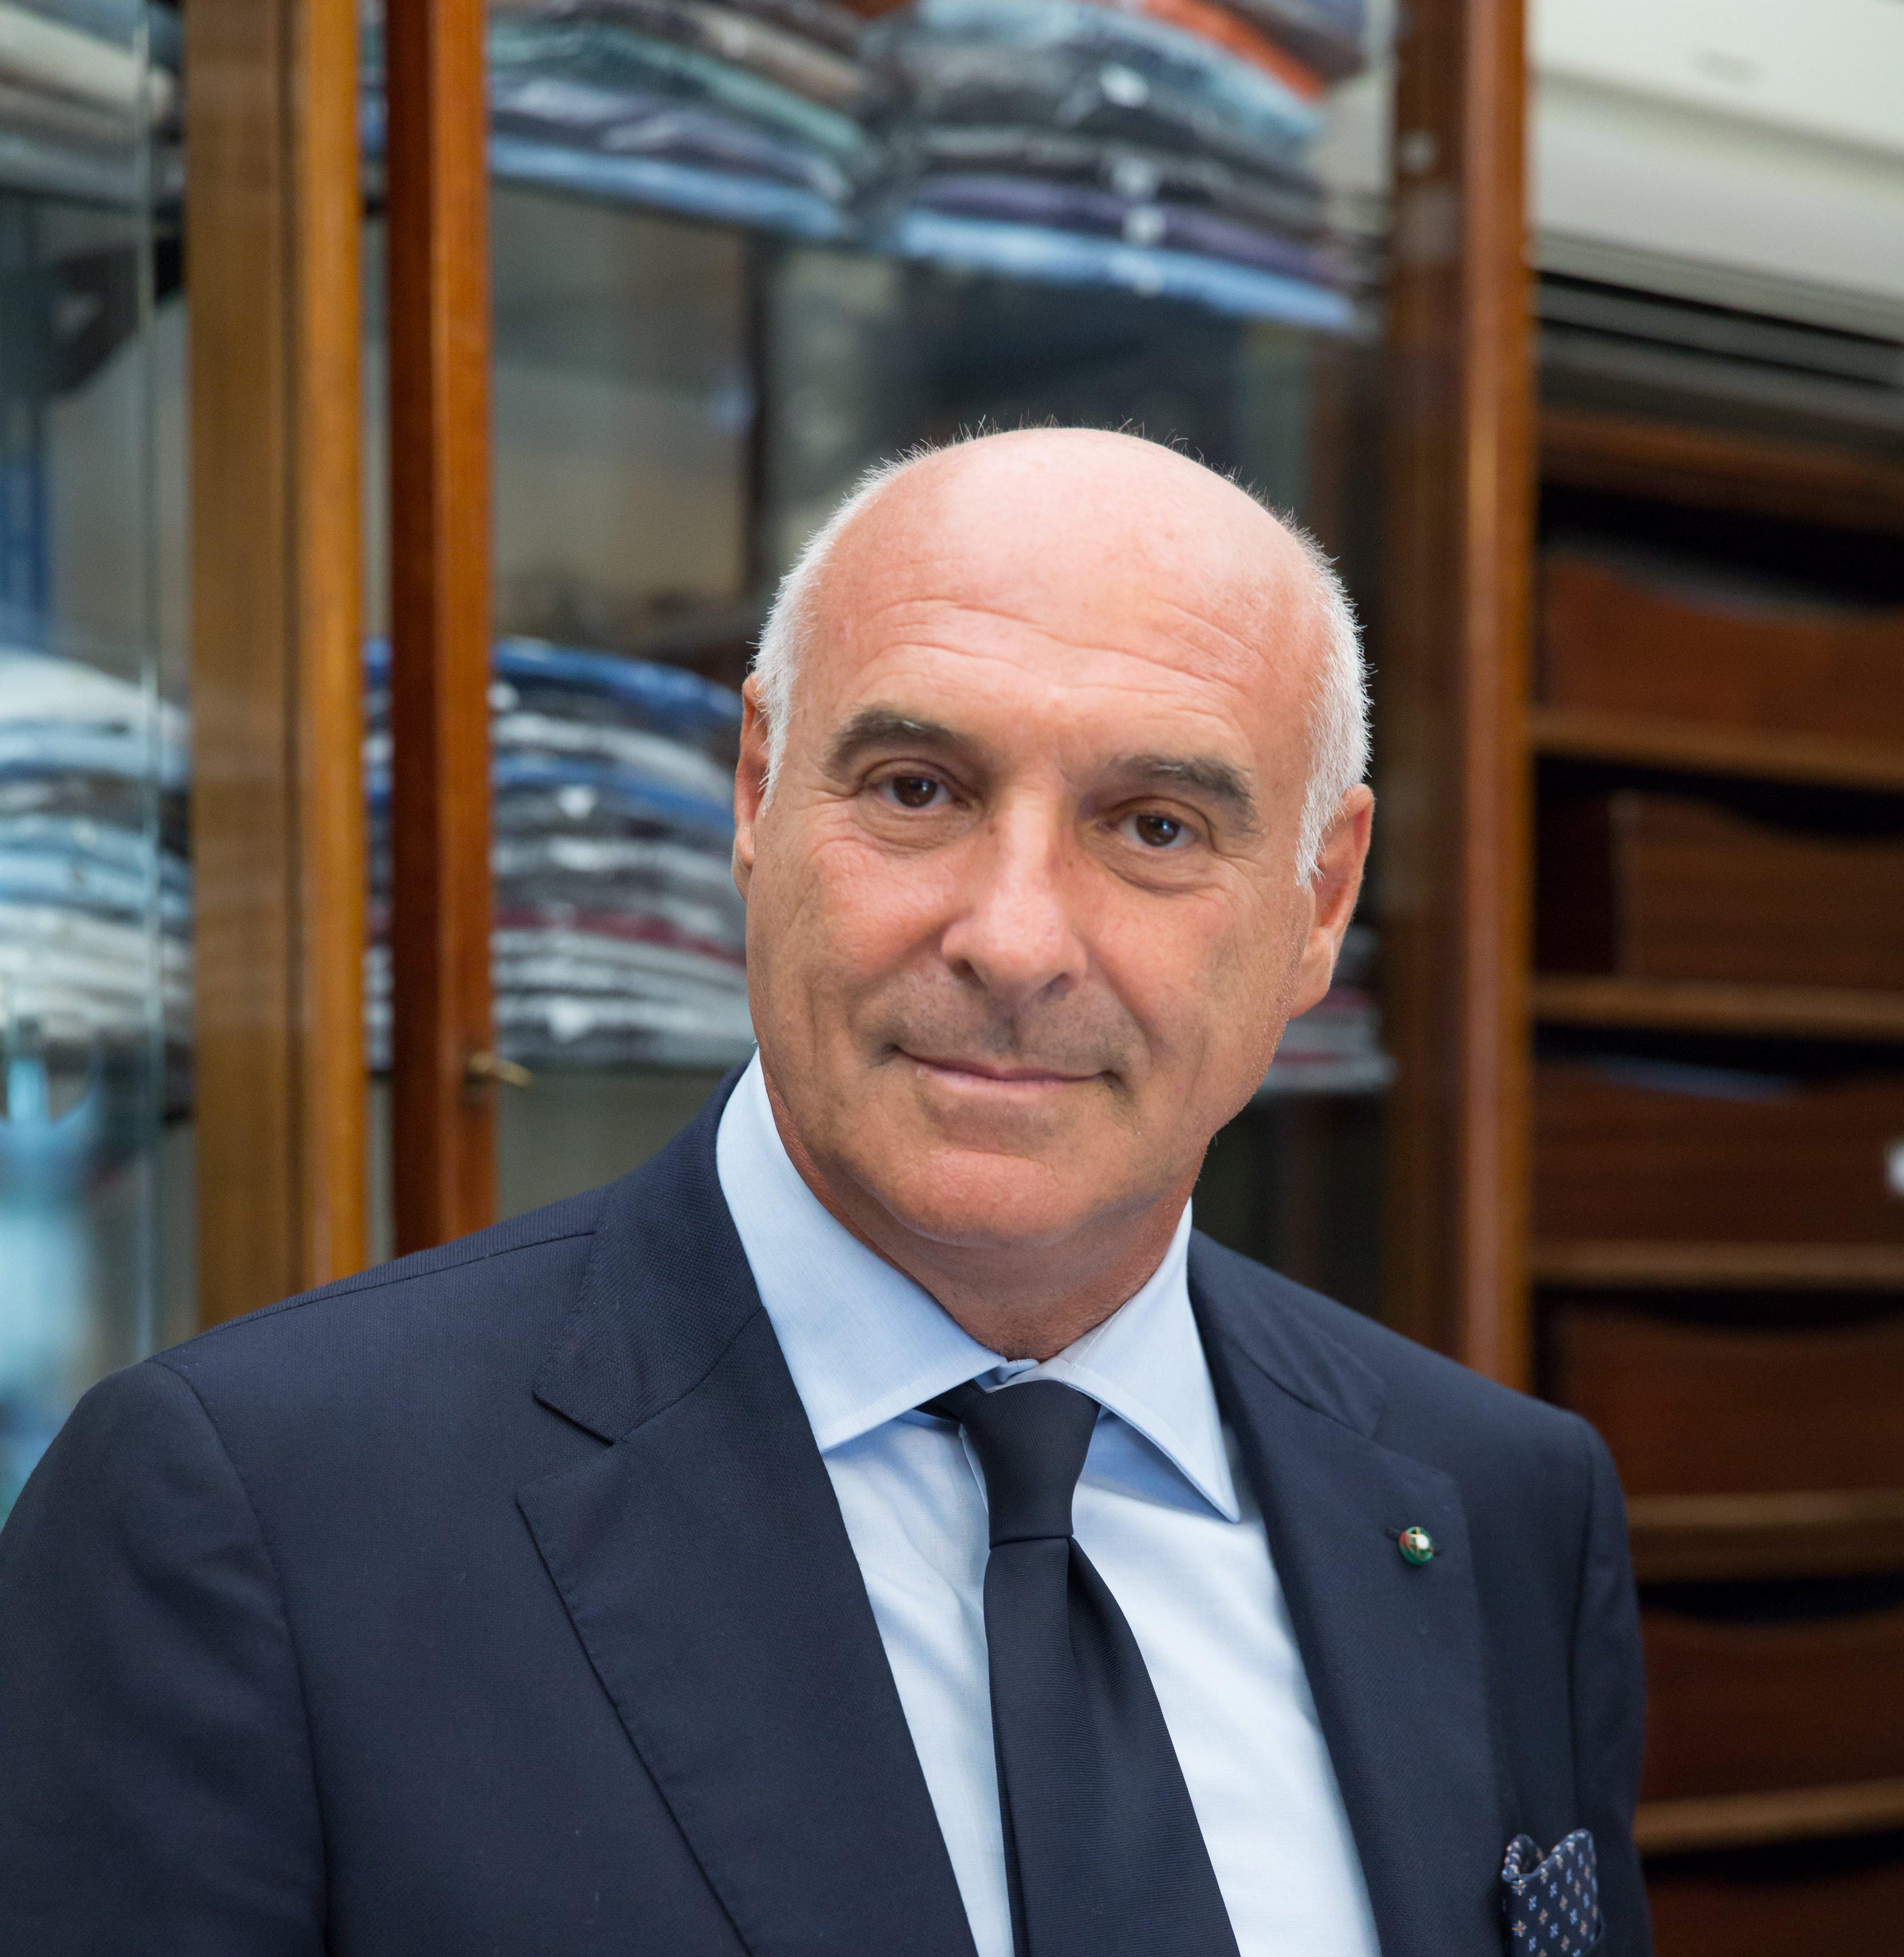 migliori prezzi marchio popolare migliore a buon mercato I prossimi cento anni di E.Marinella - Start Franchising ...